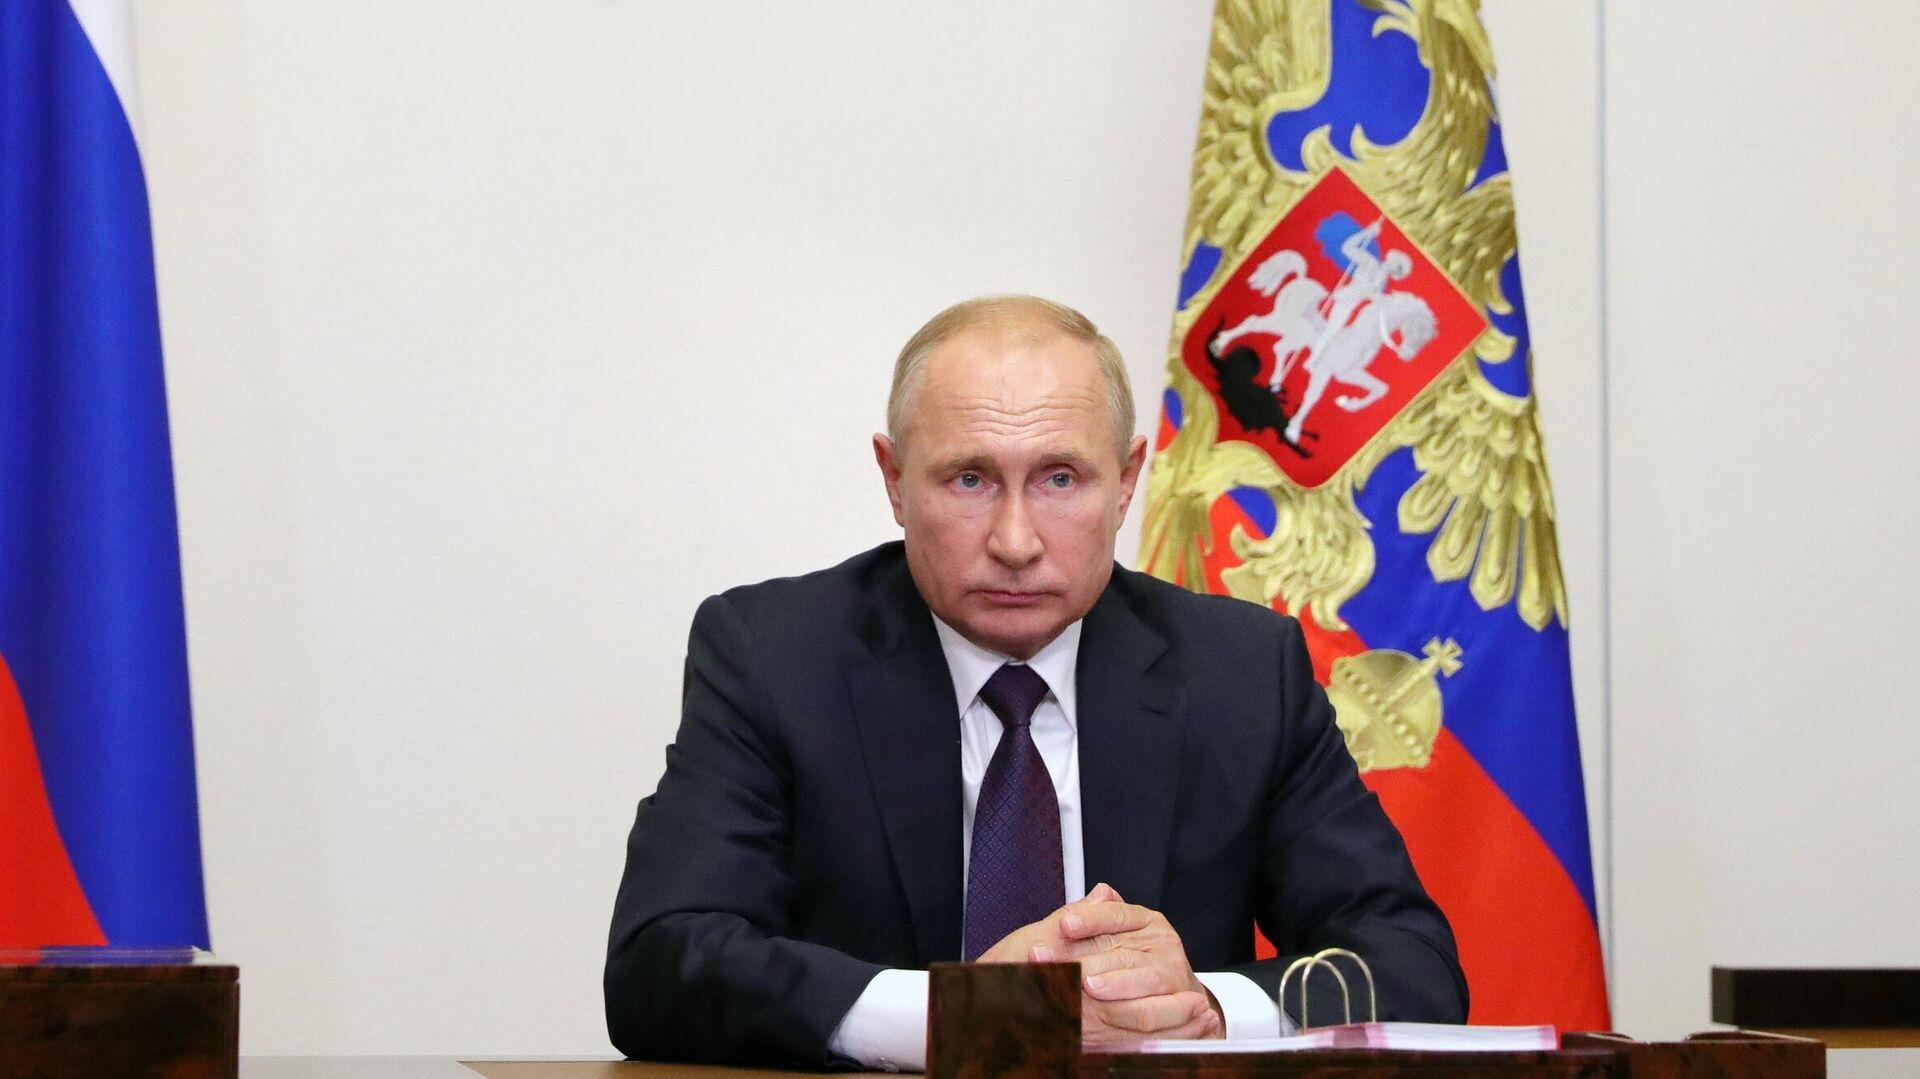 Путин одобрил запрет парламентариям иметь иностранное гражданство